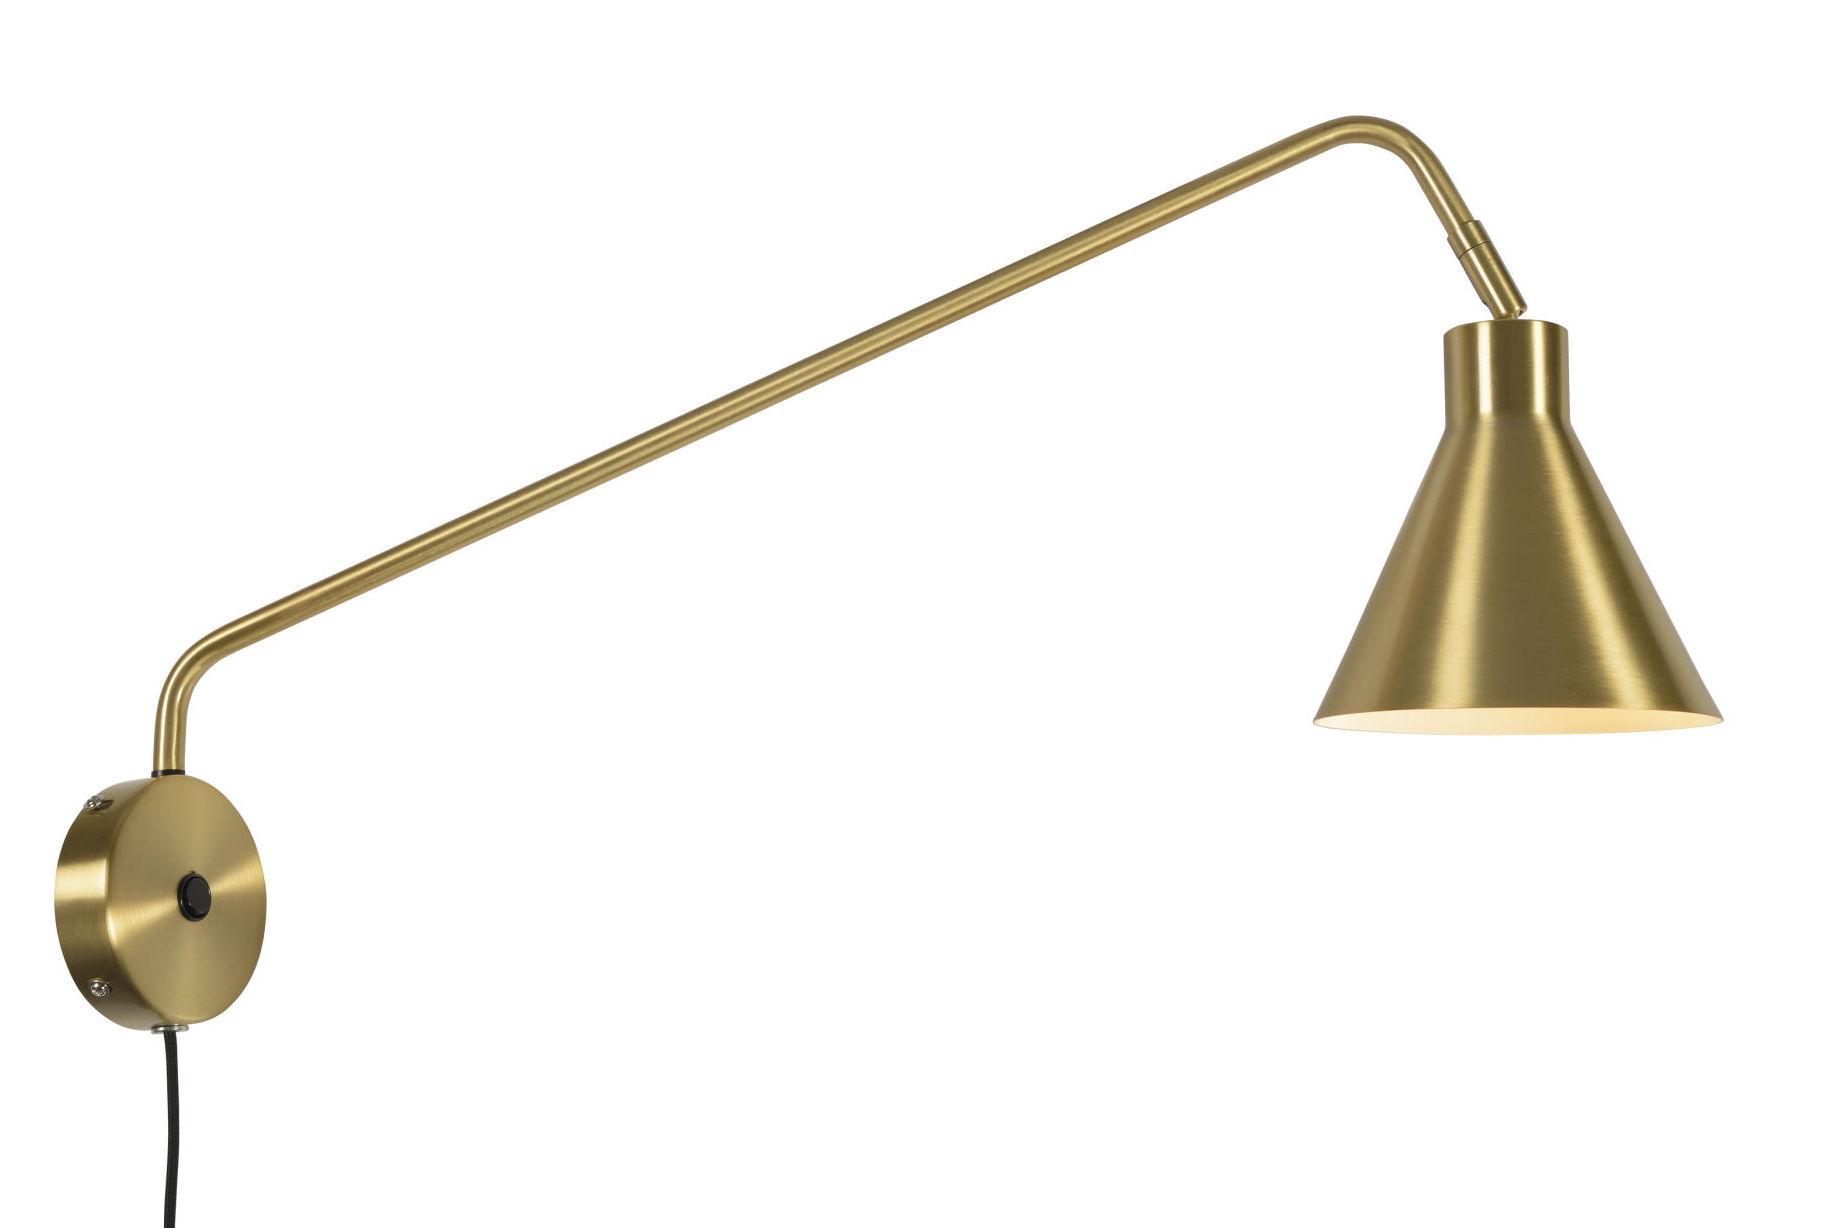 Leuchten - Wandleuchten - Lyon Wandleuchte mit Stromkabel / dreh- & schwenkbar - L 70 cm - It's about Romi - Goldfarben - Eisen